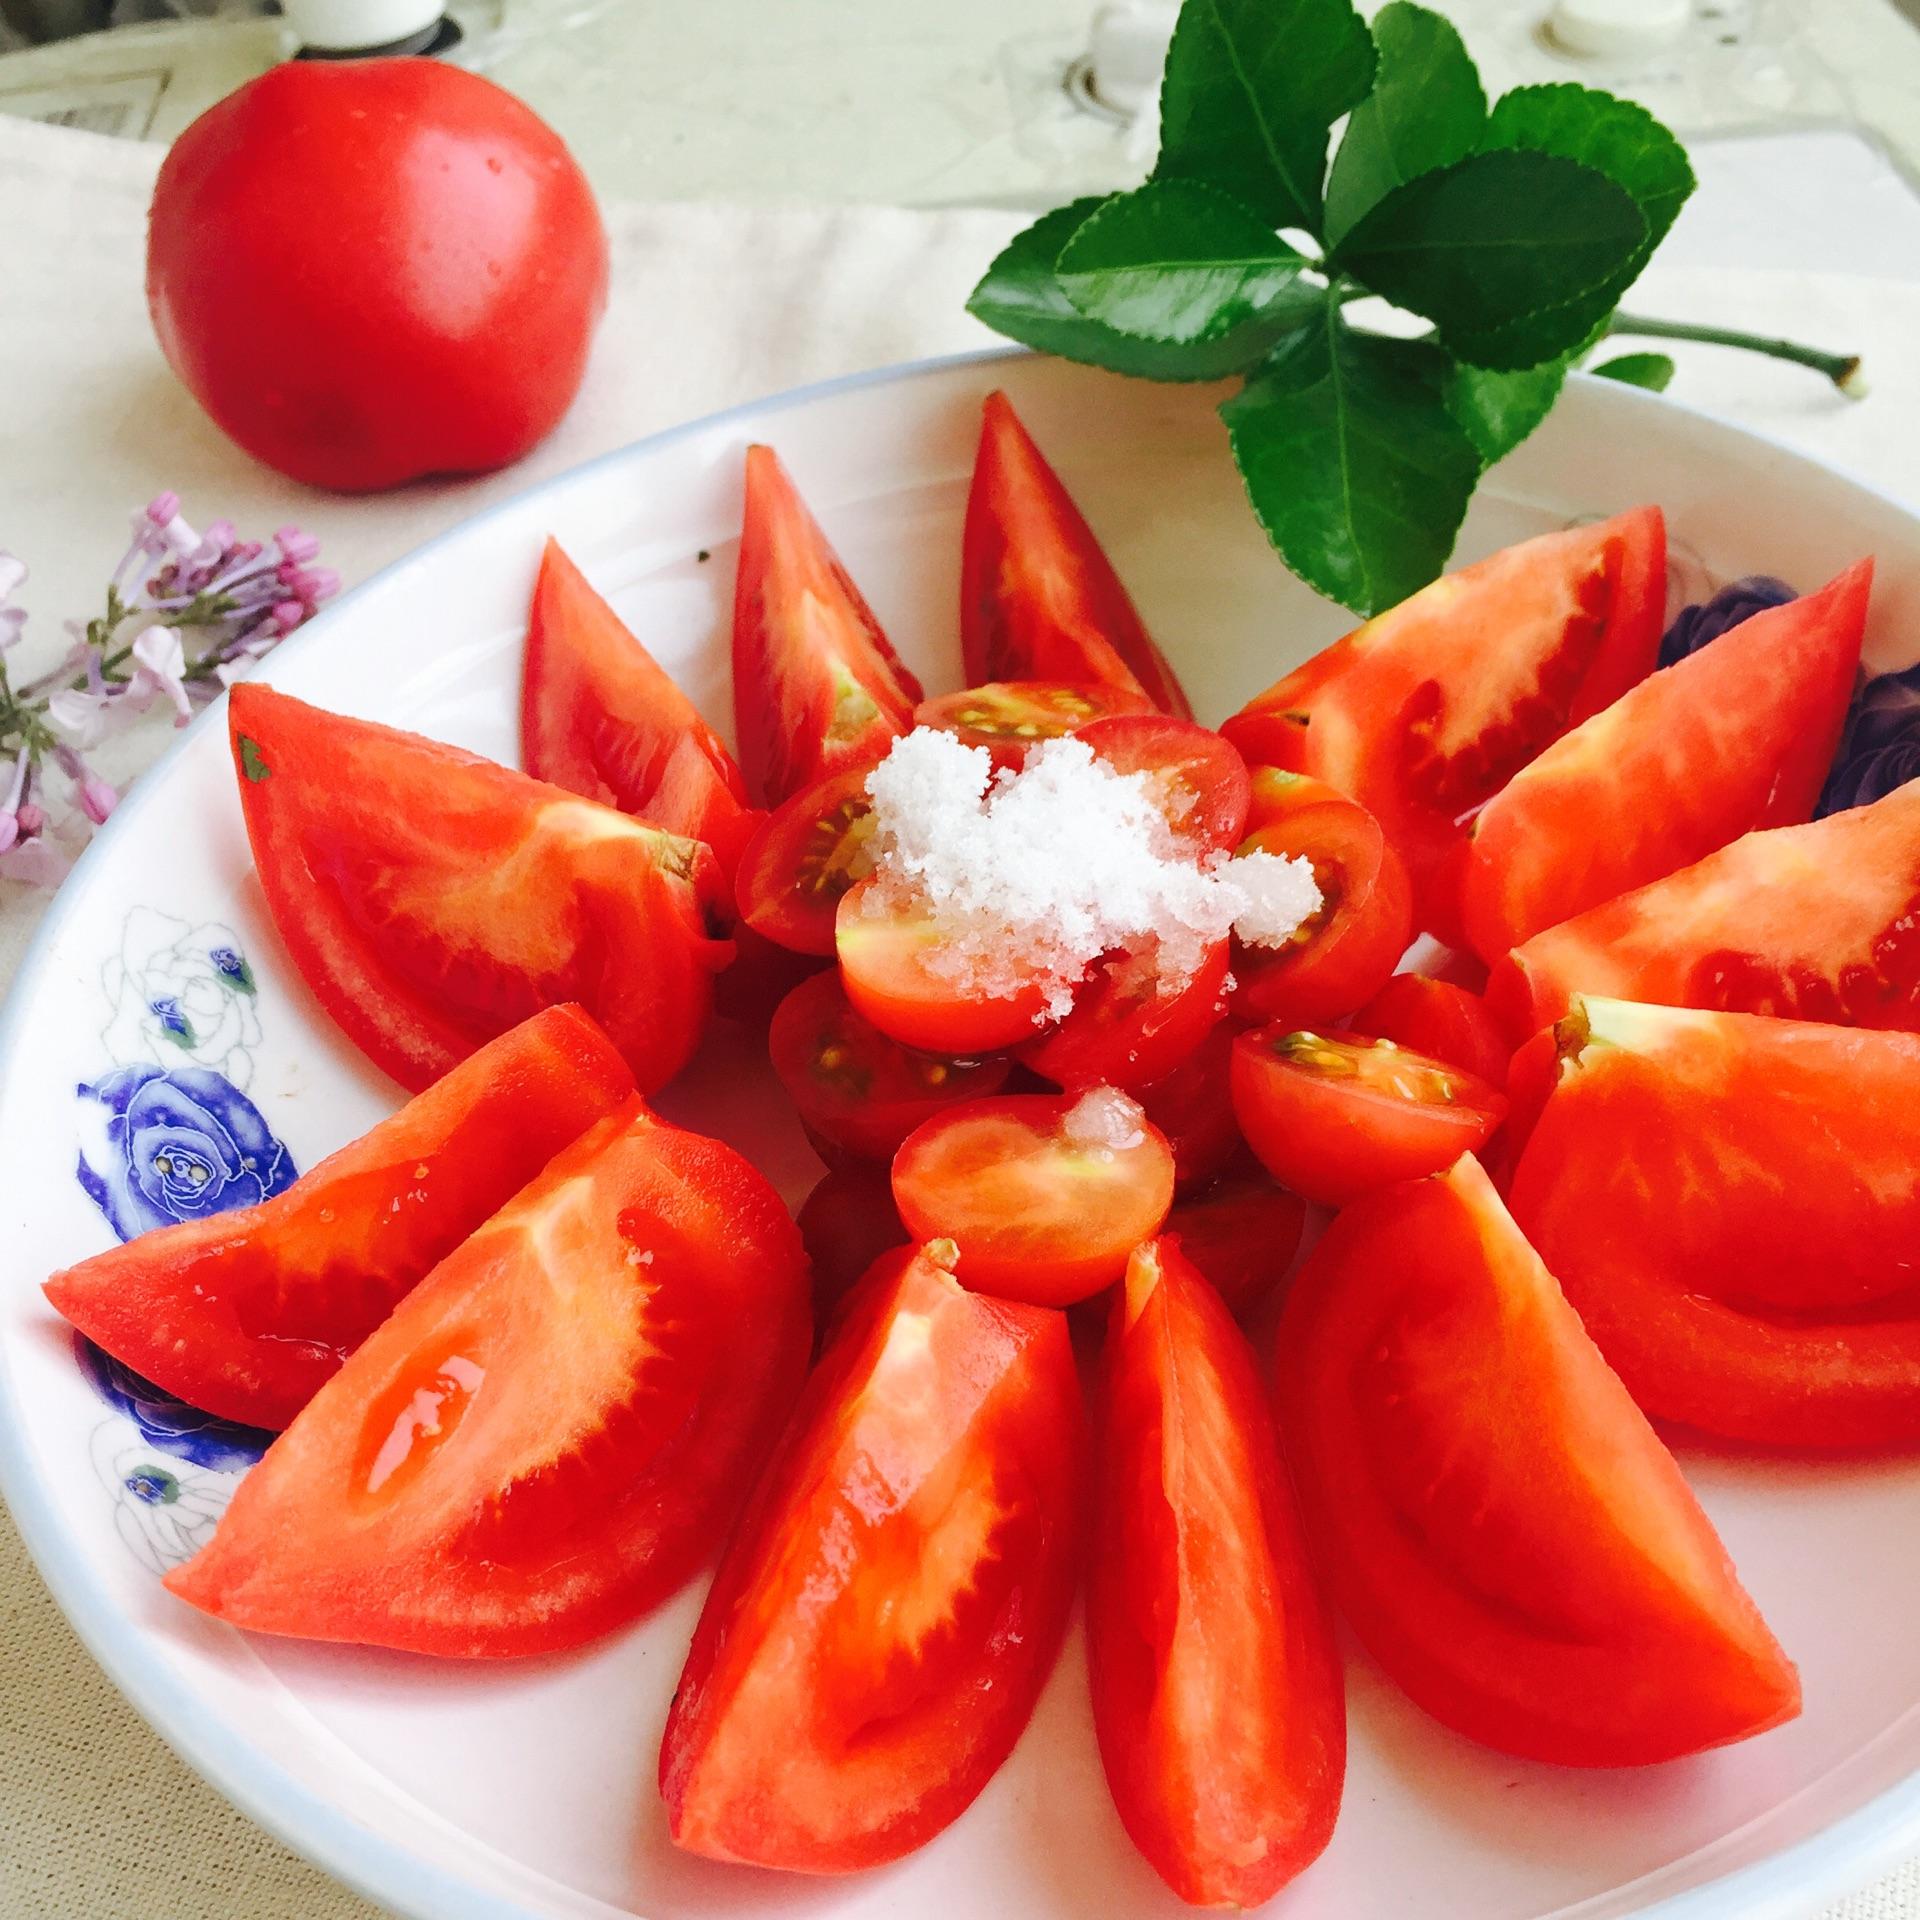 美容养颜     主料 2个 白糖少许 糖拌西红柿的做法步骤